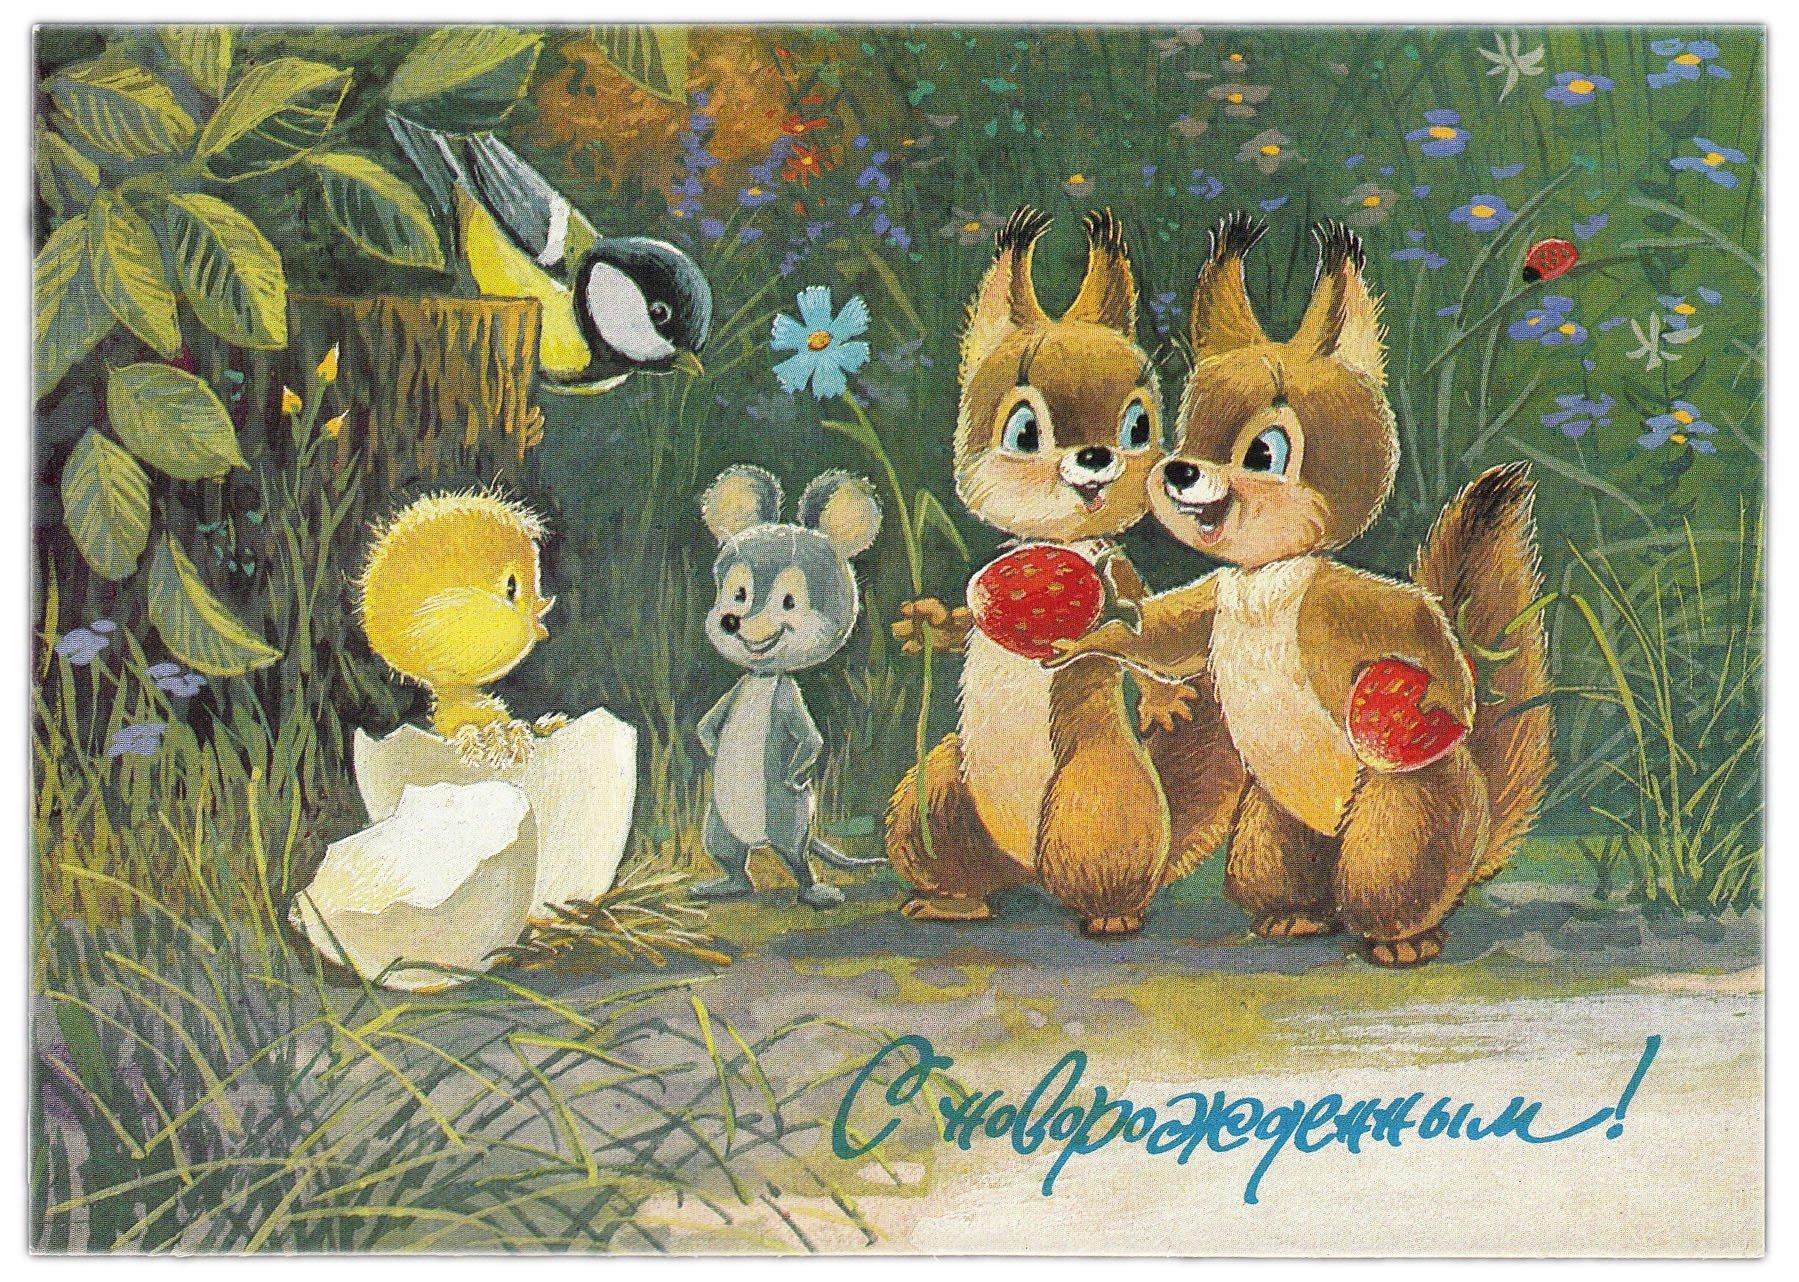 россии красногорский открытки советского времени с днем рождения него полуобнаженные парни